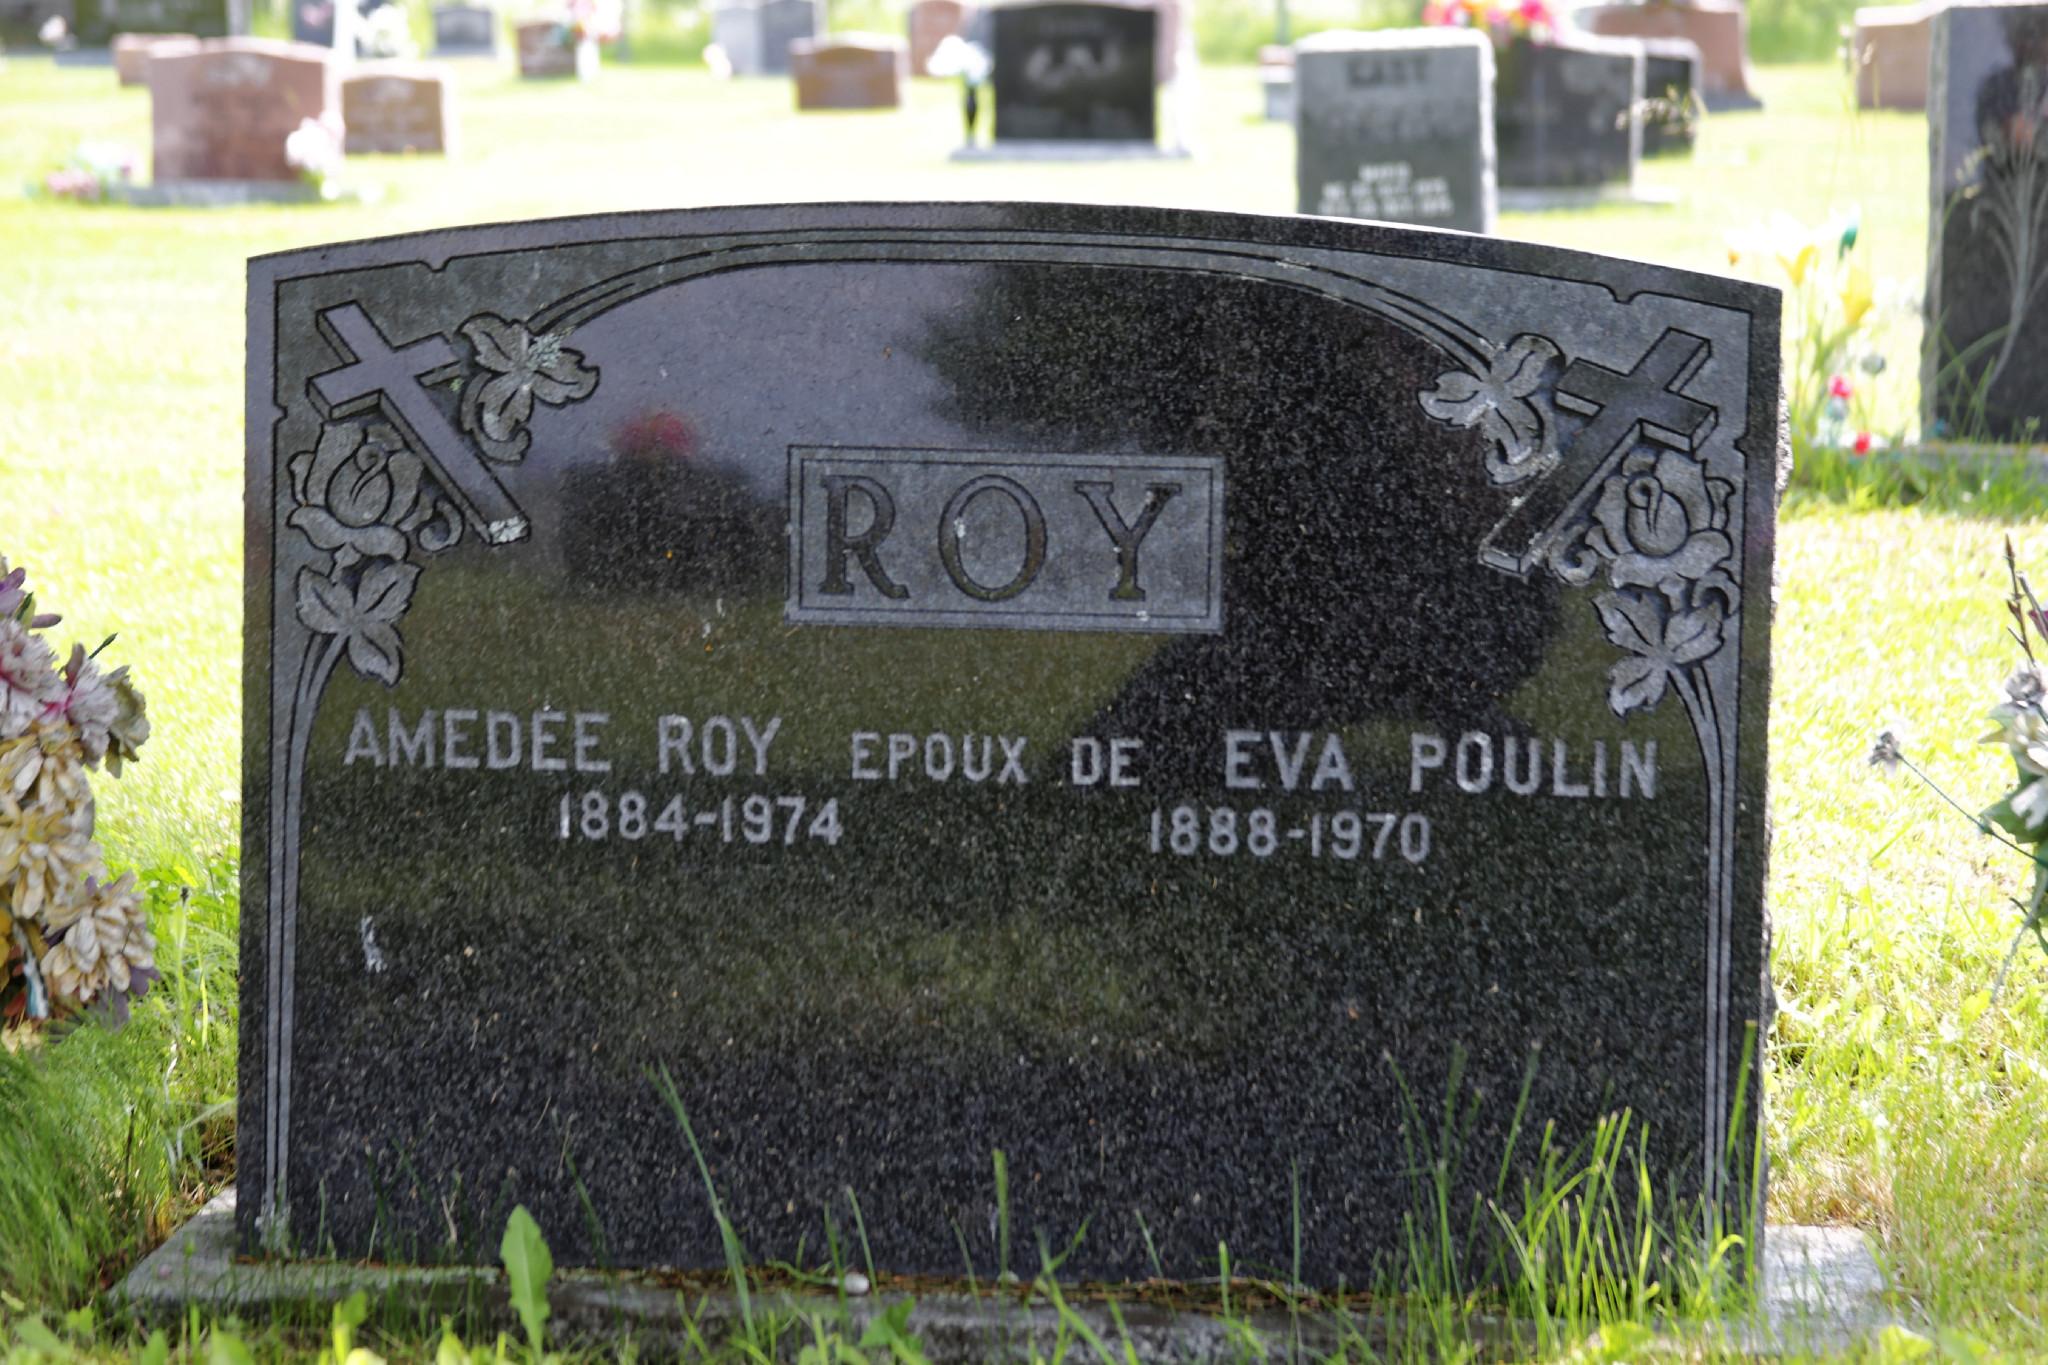 Amédée Roy